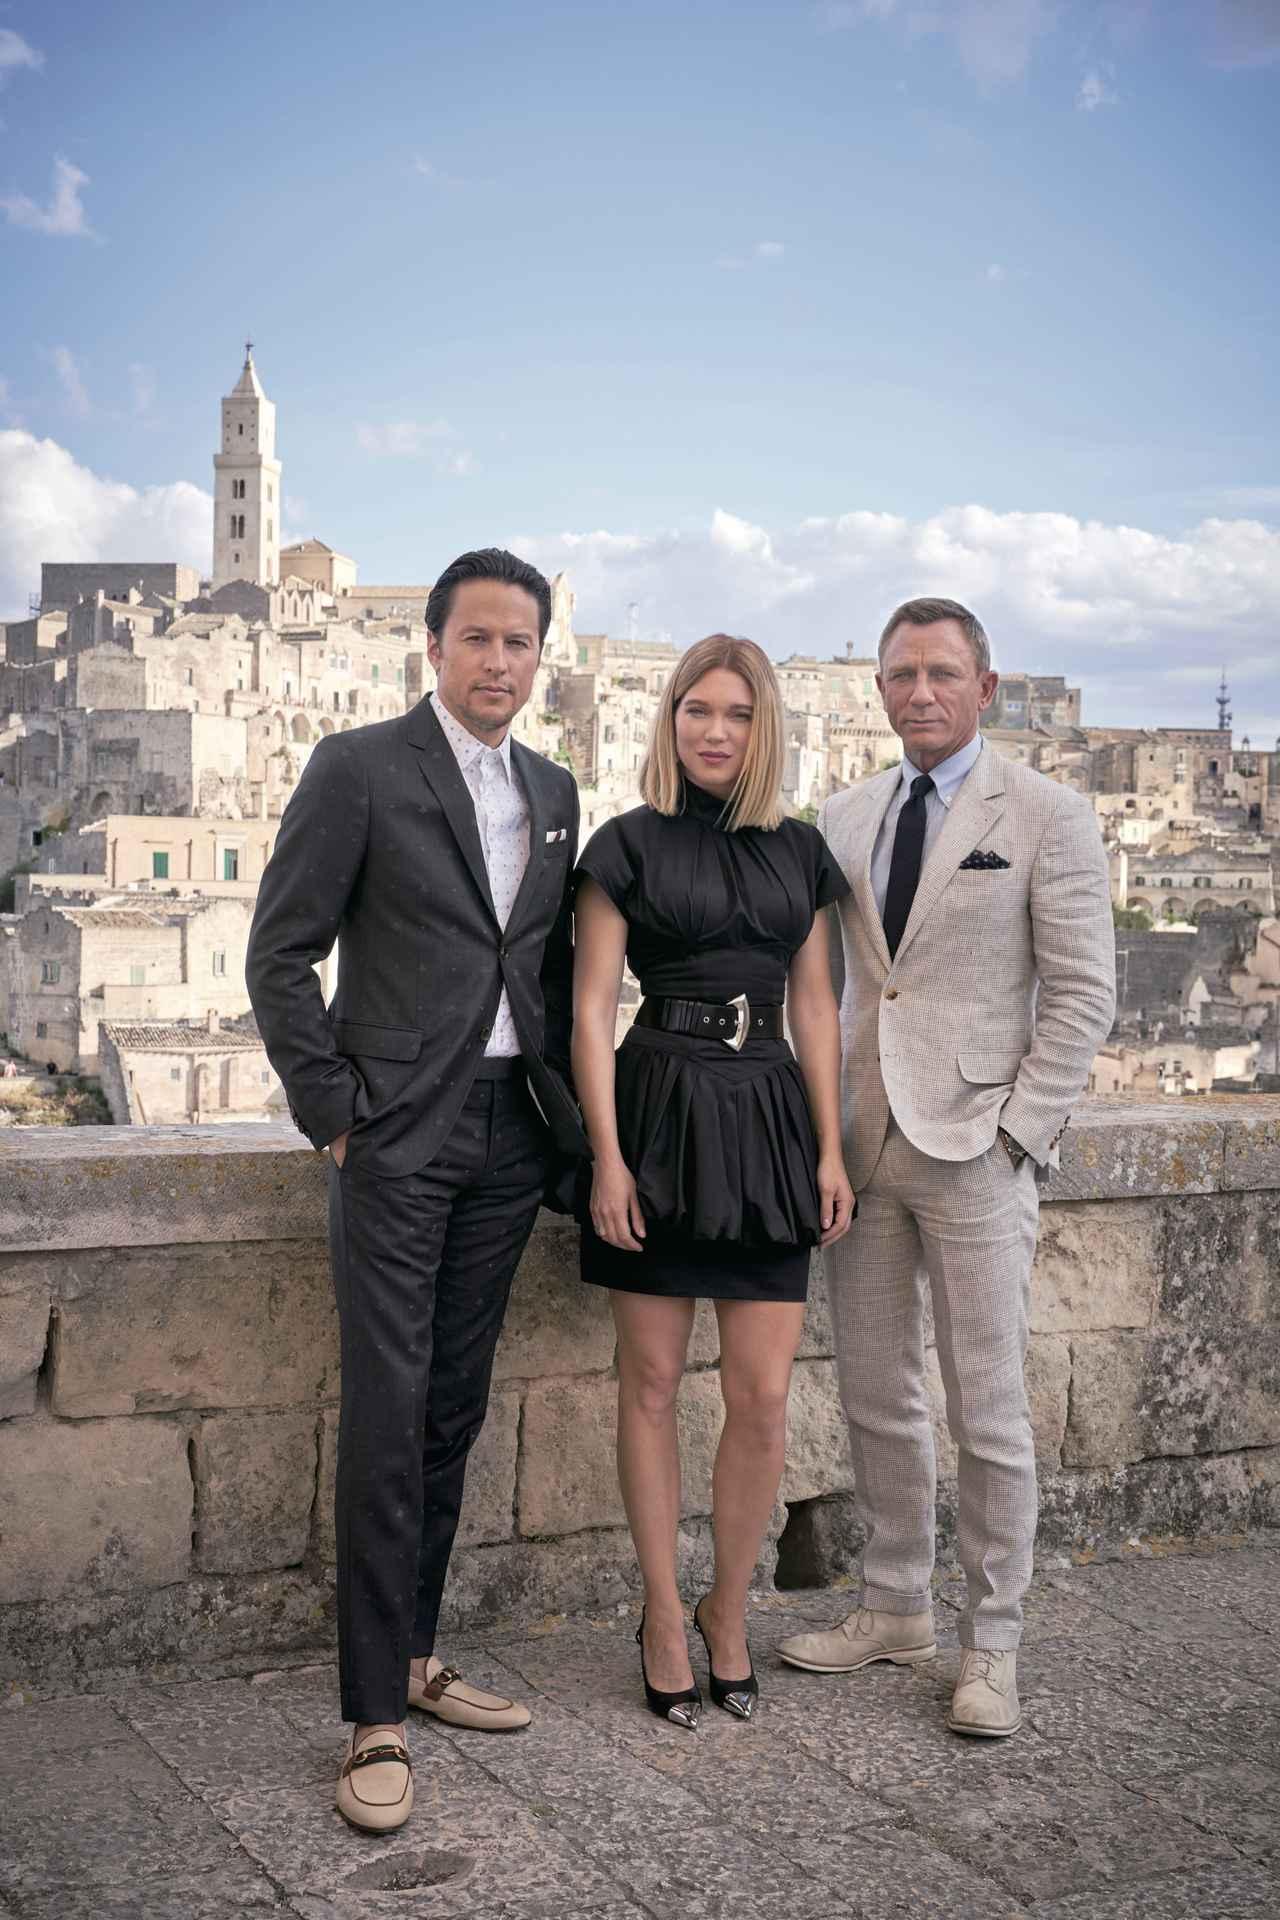 画像: イタリア・ロケ中のケリー・フクナガ監督、レア・セドゥ、ダニエル・クレイグ